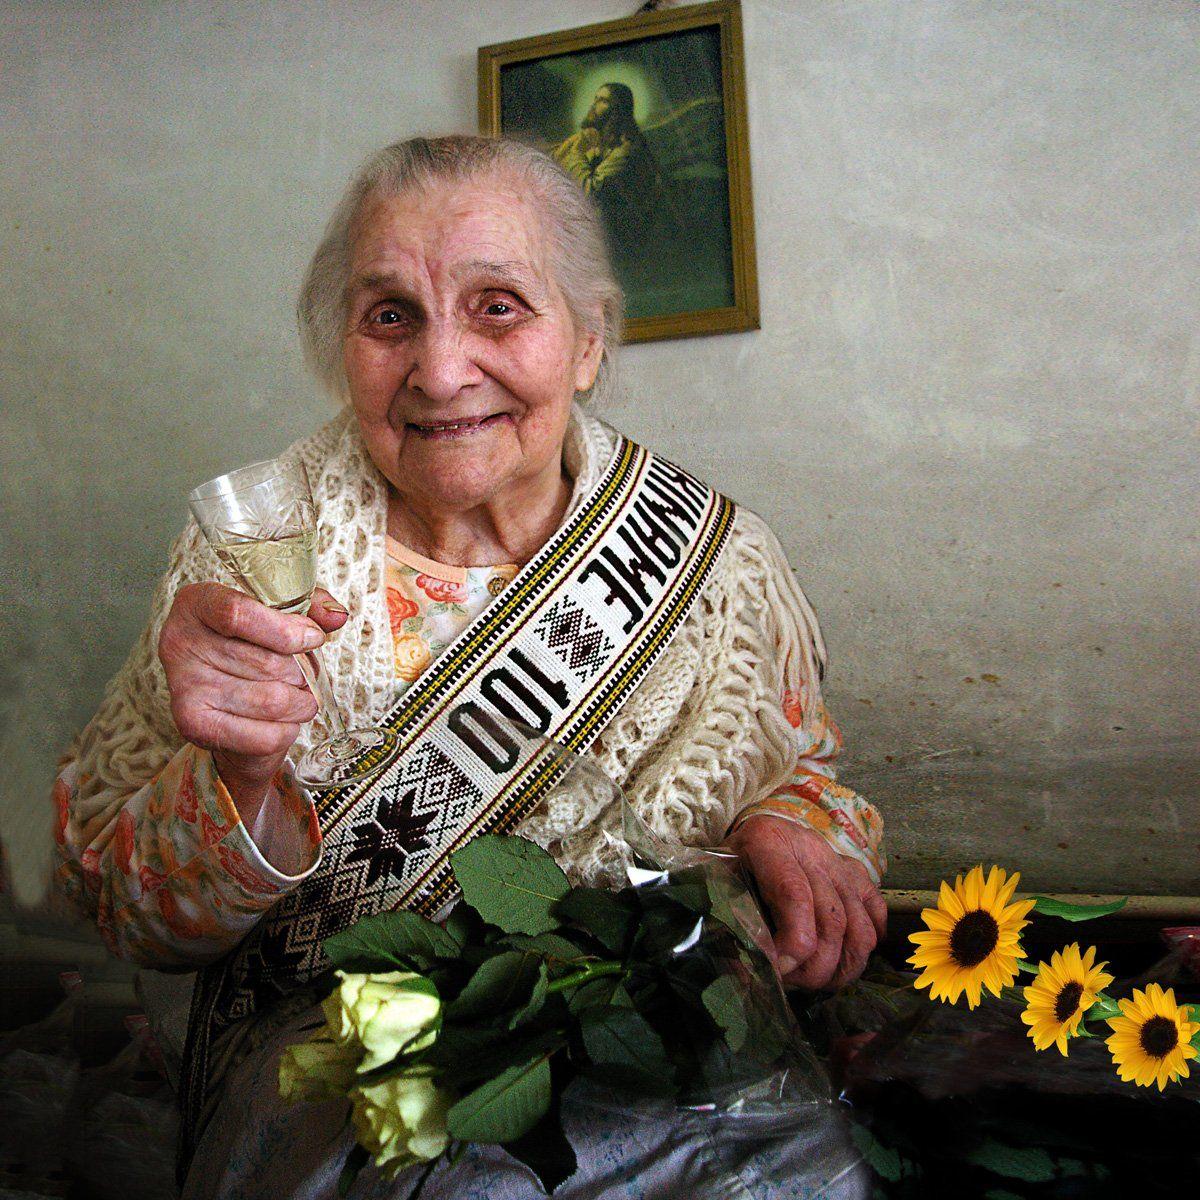 юбилей, старость, Rimantas Petrikas